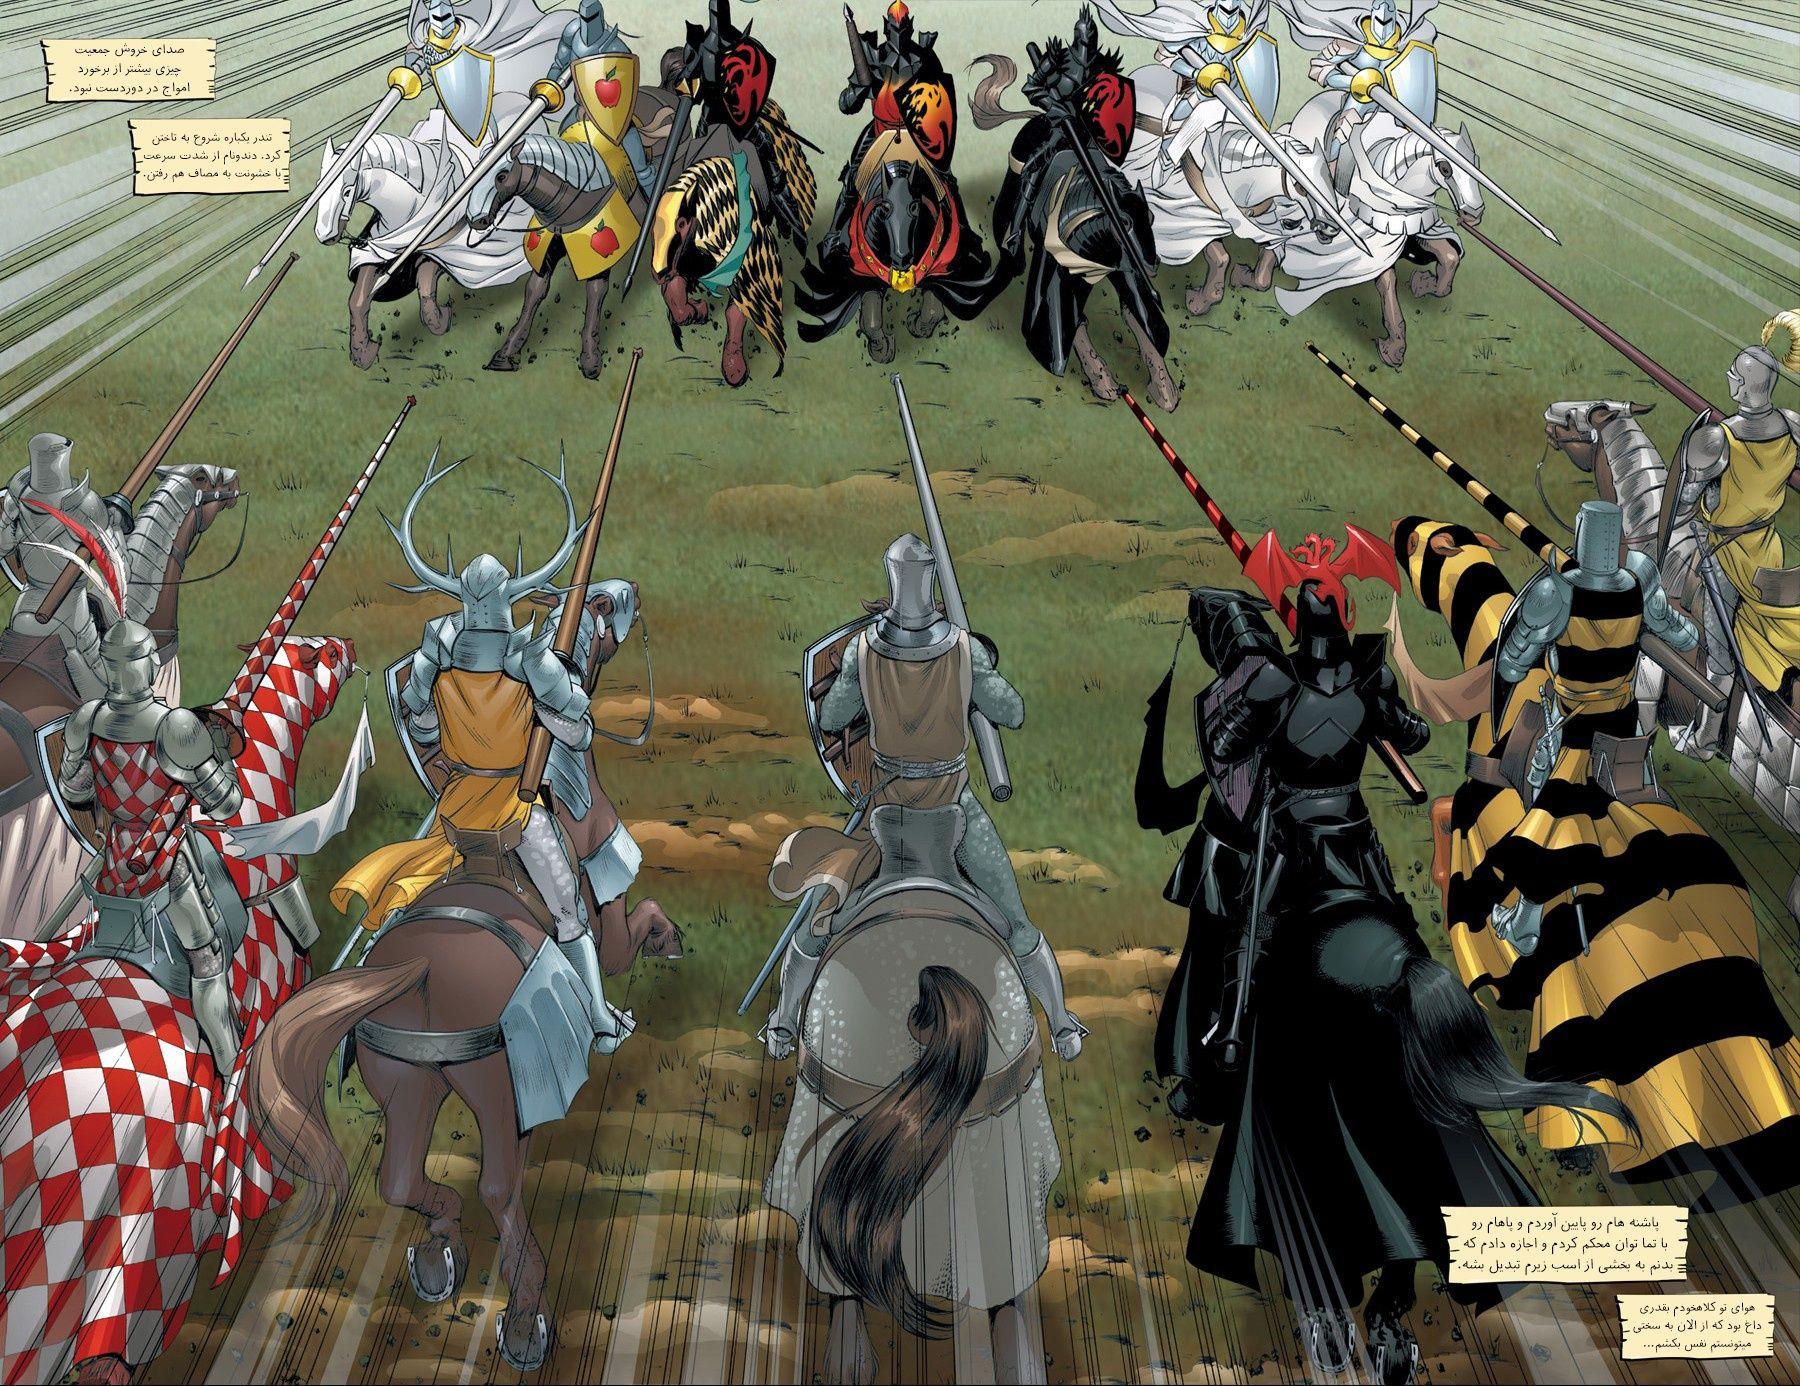 A Game Of Thrones The Hedge Knight www.Winterfell.ir 116 - دانلود رمان گرافیکی شوالیه آواره به مناسبت تولد شش سالگی مجموعه وینترفل